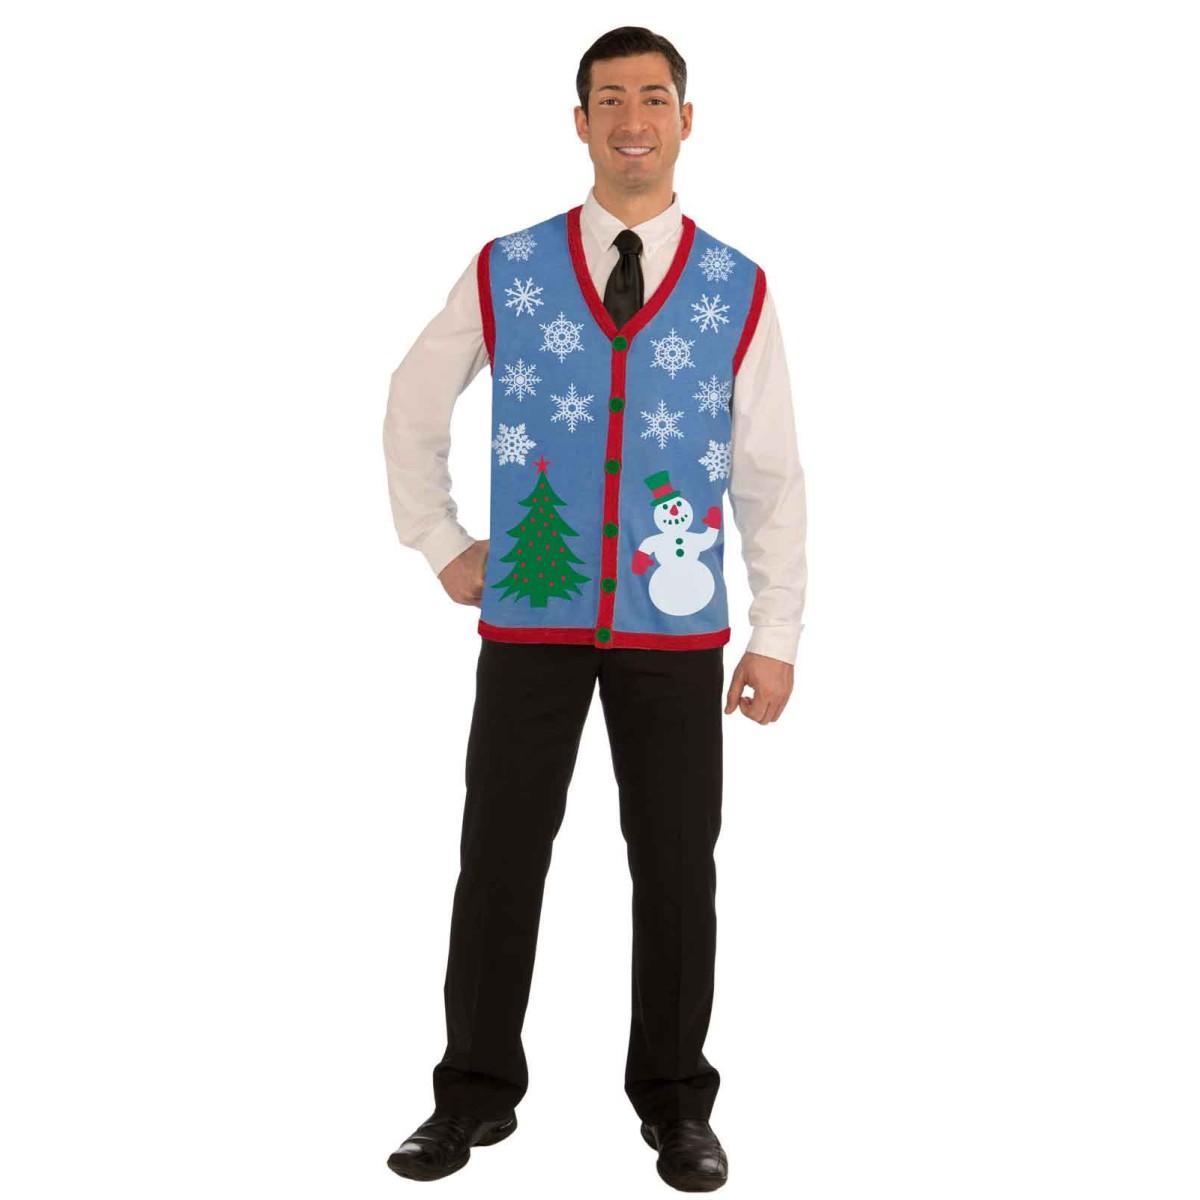 アグリー ダサい クリスマスツリー スノーマン 雪だるま 男性用 セーター ベスト ニット チョッキ ギフト プレゼント